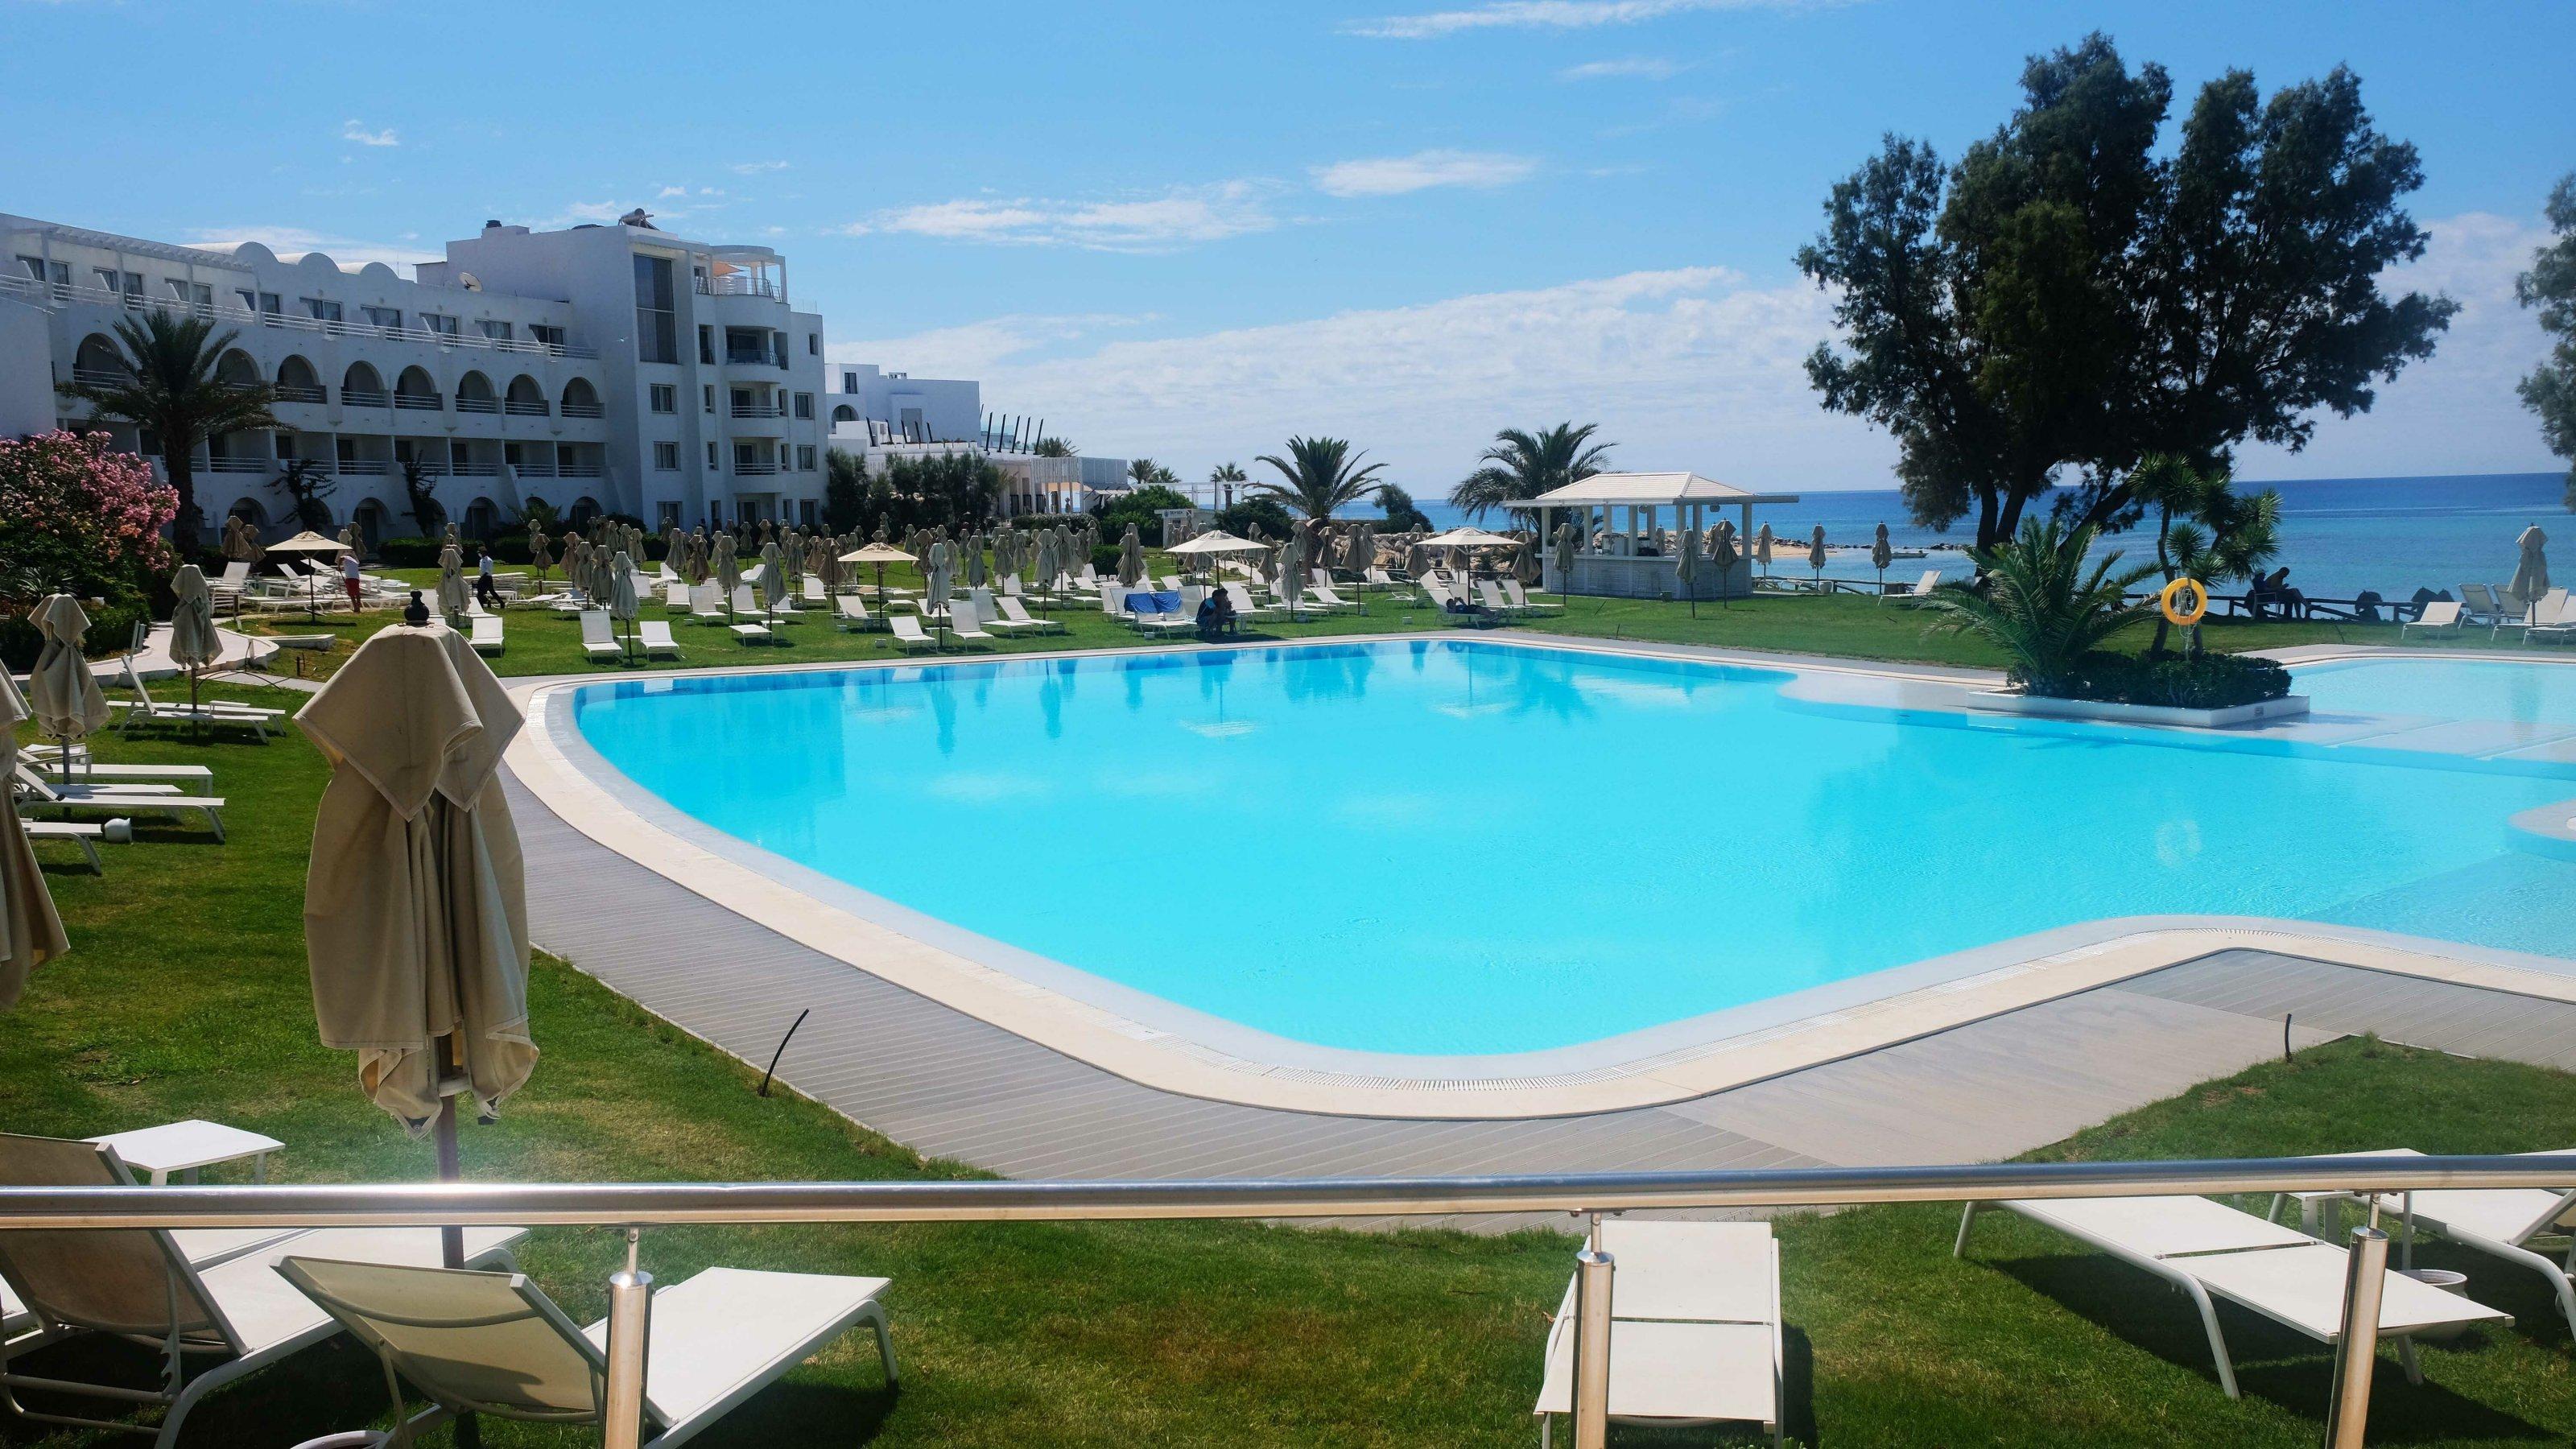 Blick auf Pool und leere Liegestühle auf einer Wiese im Hotel Sultan in Hammamet, Tunesien.